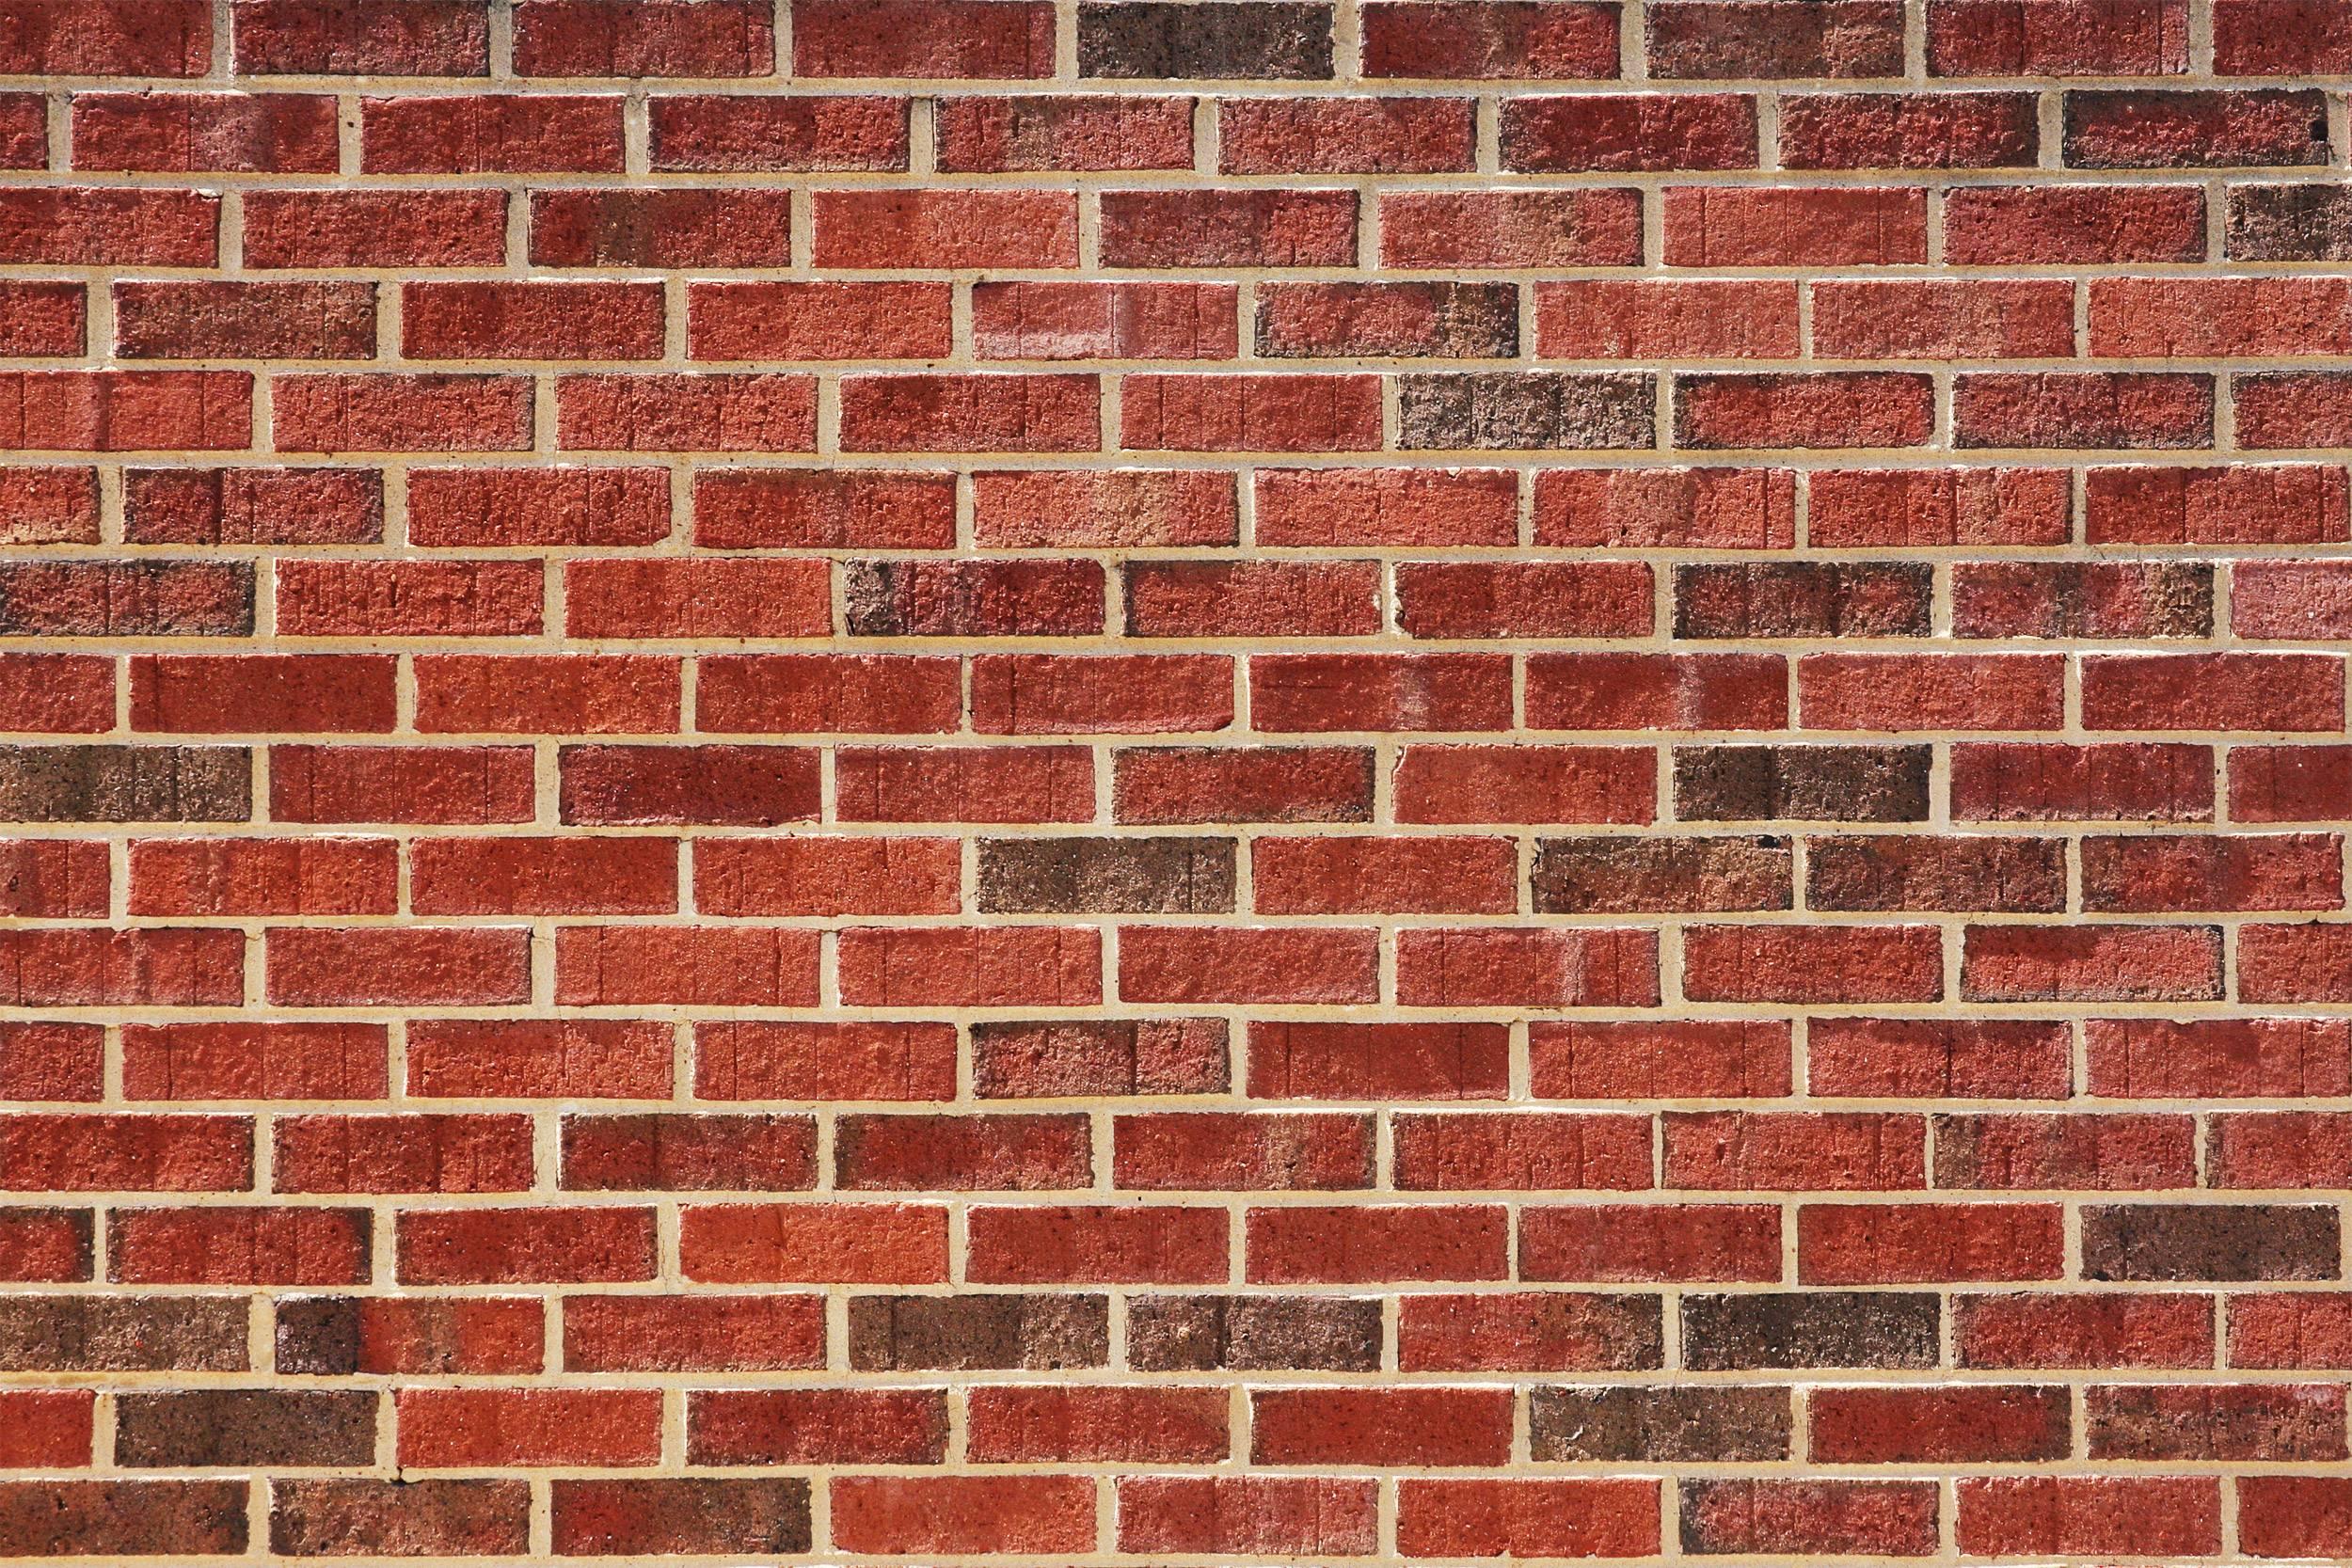 brick wall free textures 01